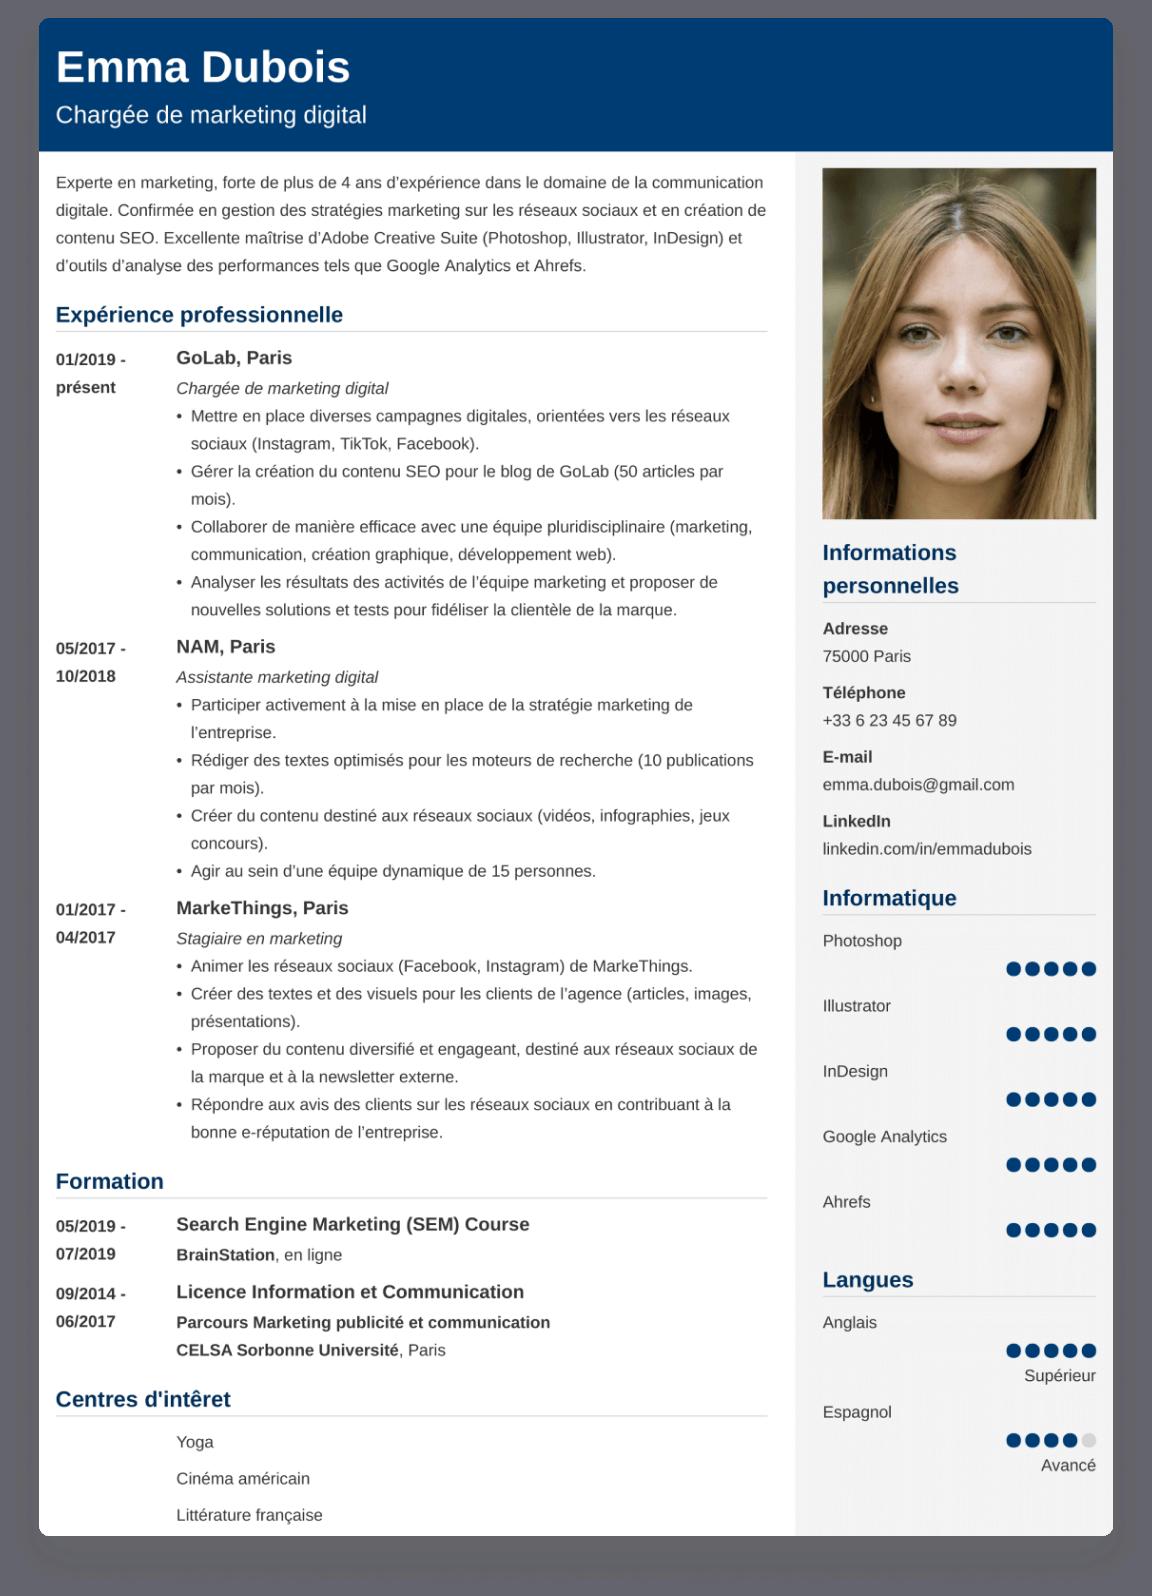 Exemple de CV créé avec ResumeLab